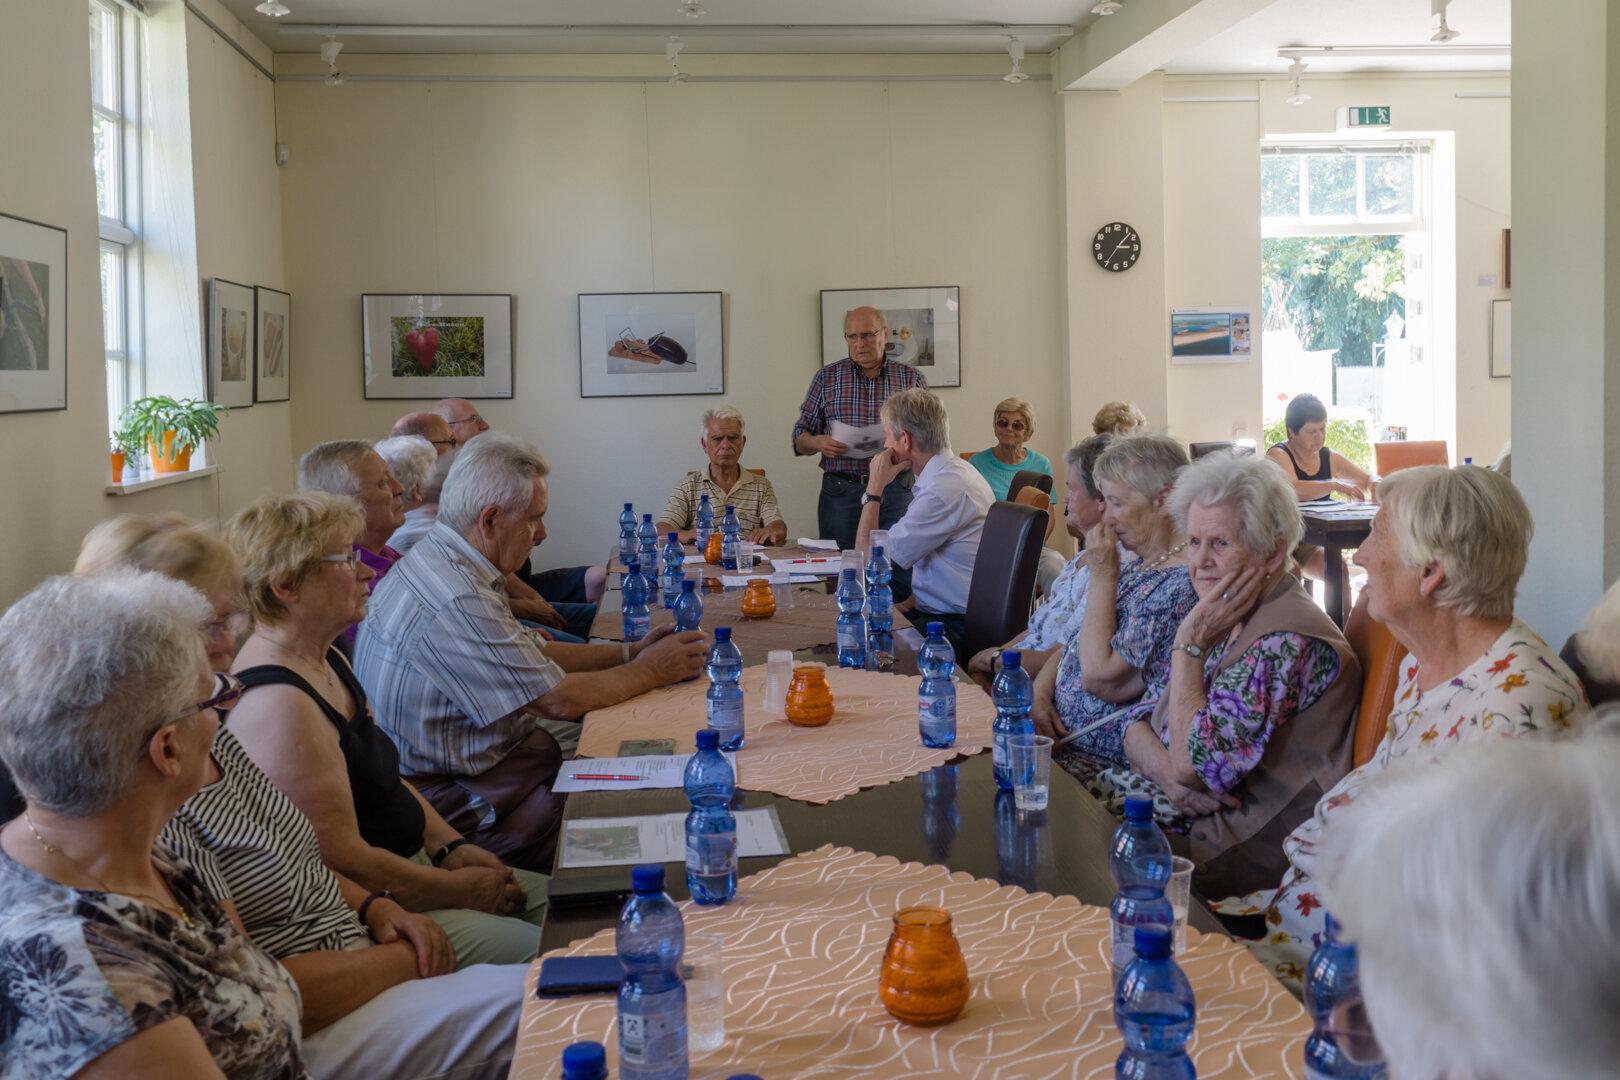 Jahreshauptversammlung 2019 des Kultur- und Heimatvereins Neustadt-Glewe e.V.